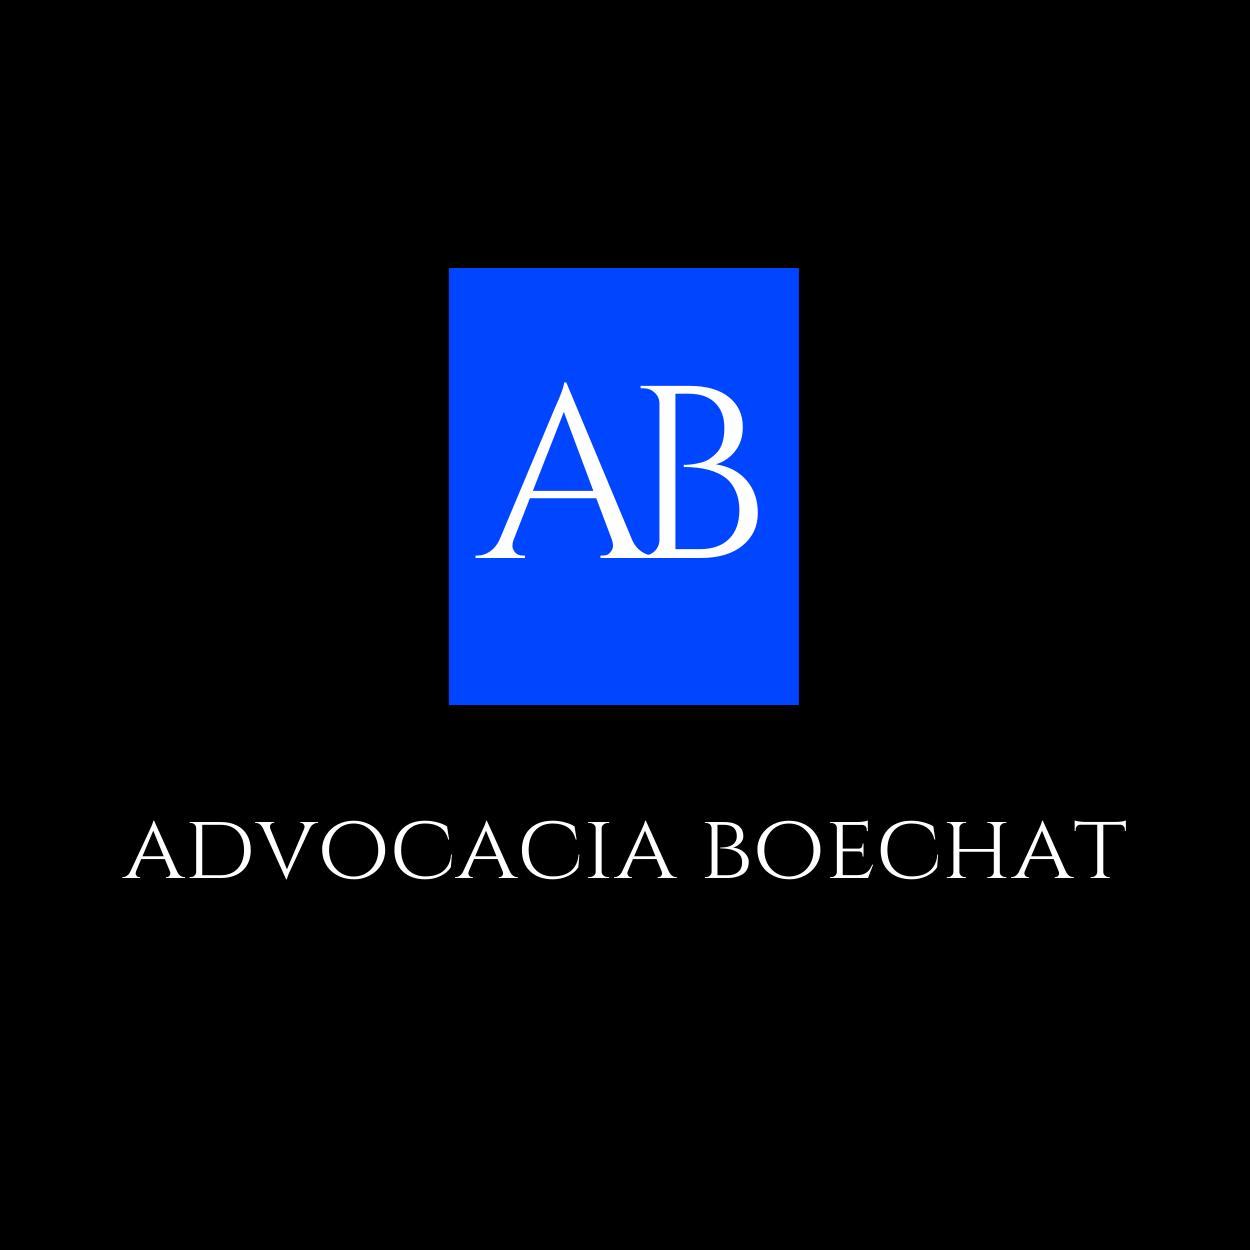 ADVOCACIA BOECHAT